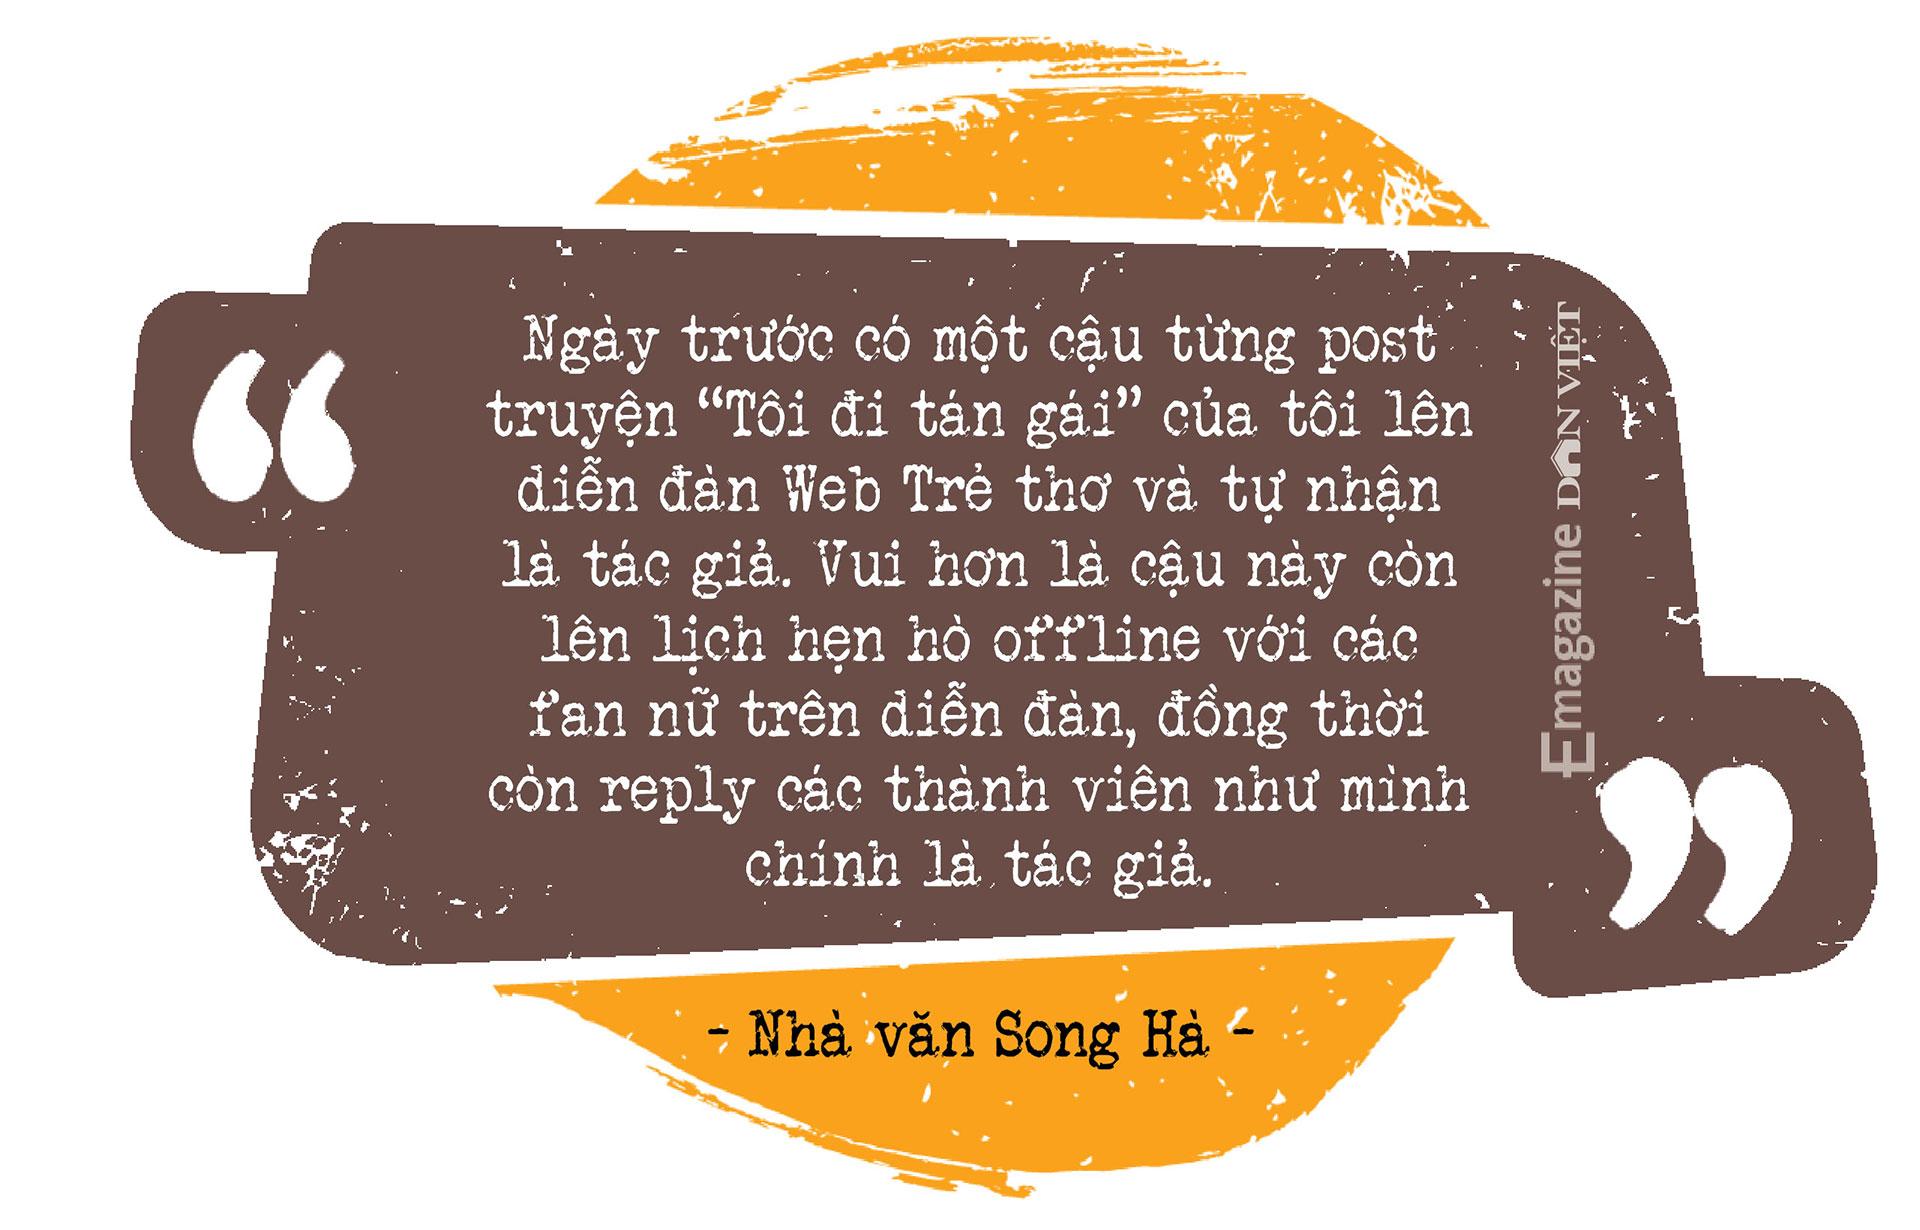 Cây bút văn học mạng Song Hà: Mảng đề tài đa cấp, đòi nợ… tôi viết dễ như thò tay vào túi lấy kẹo - Ảnh 4.